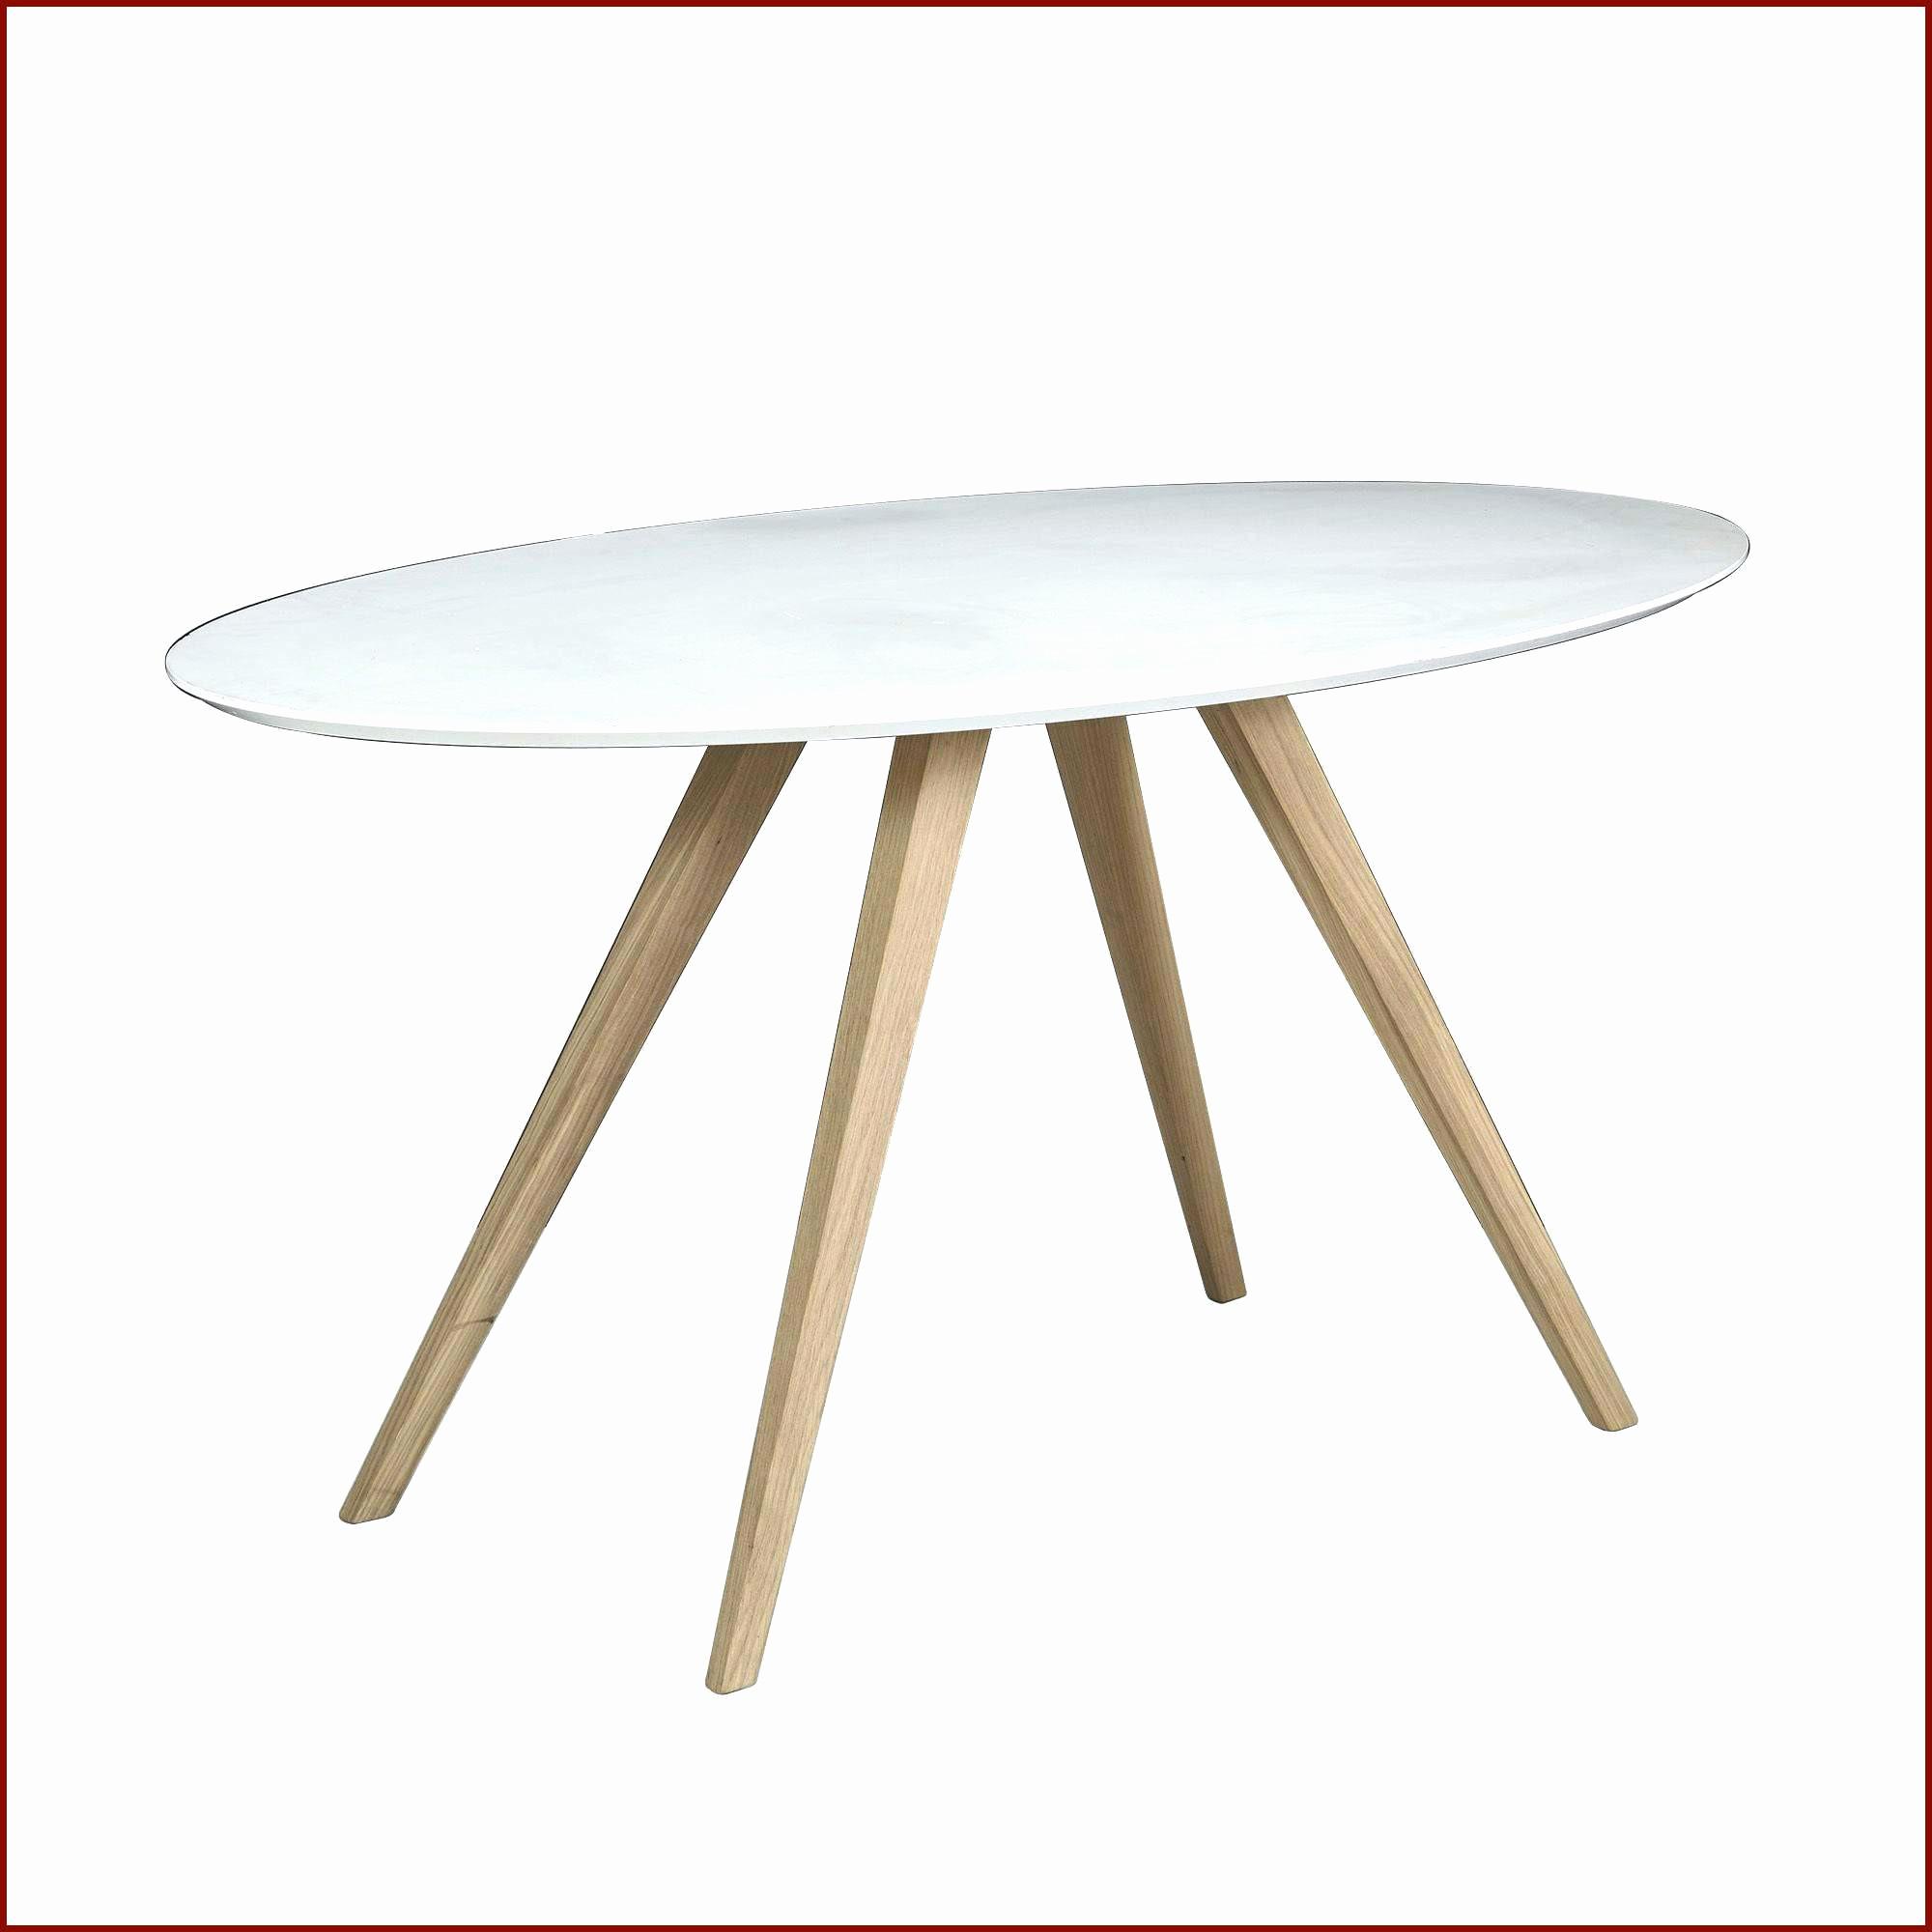 table bistro haute nouveau meilleur de chaise table chaise table haute elegant alinea chaise 0d of table bistro haute